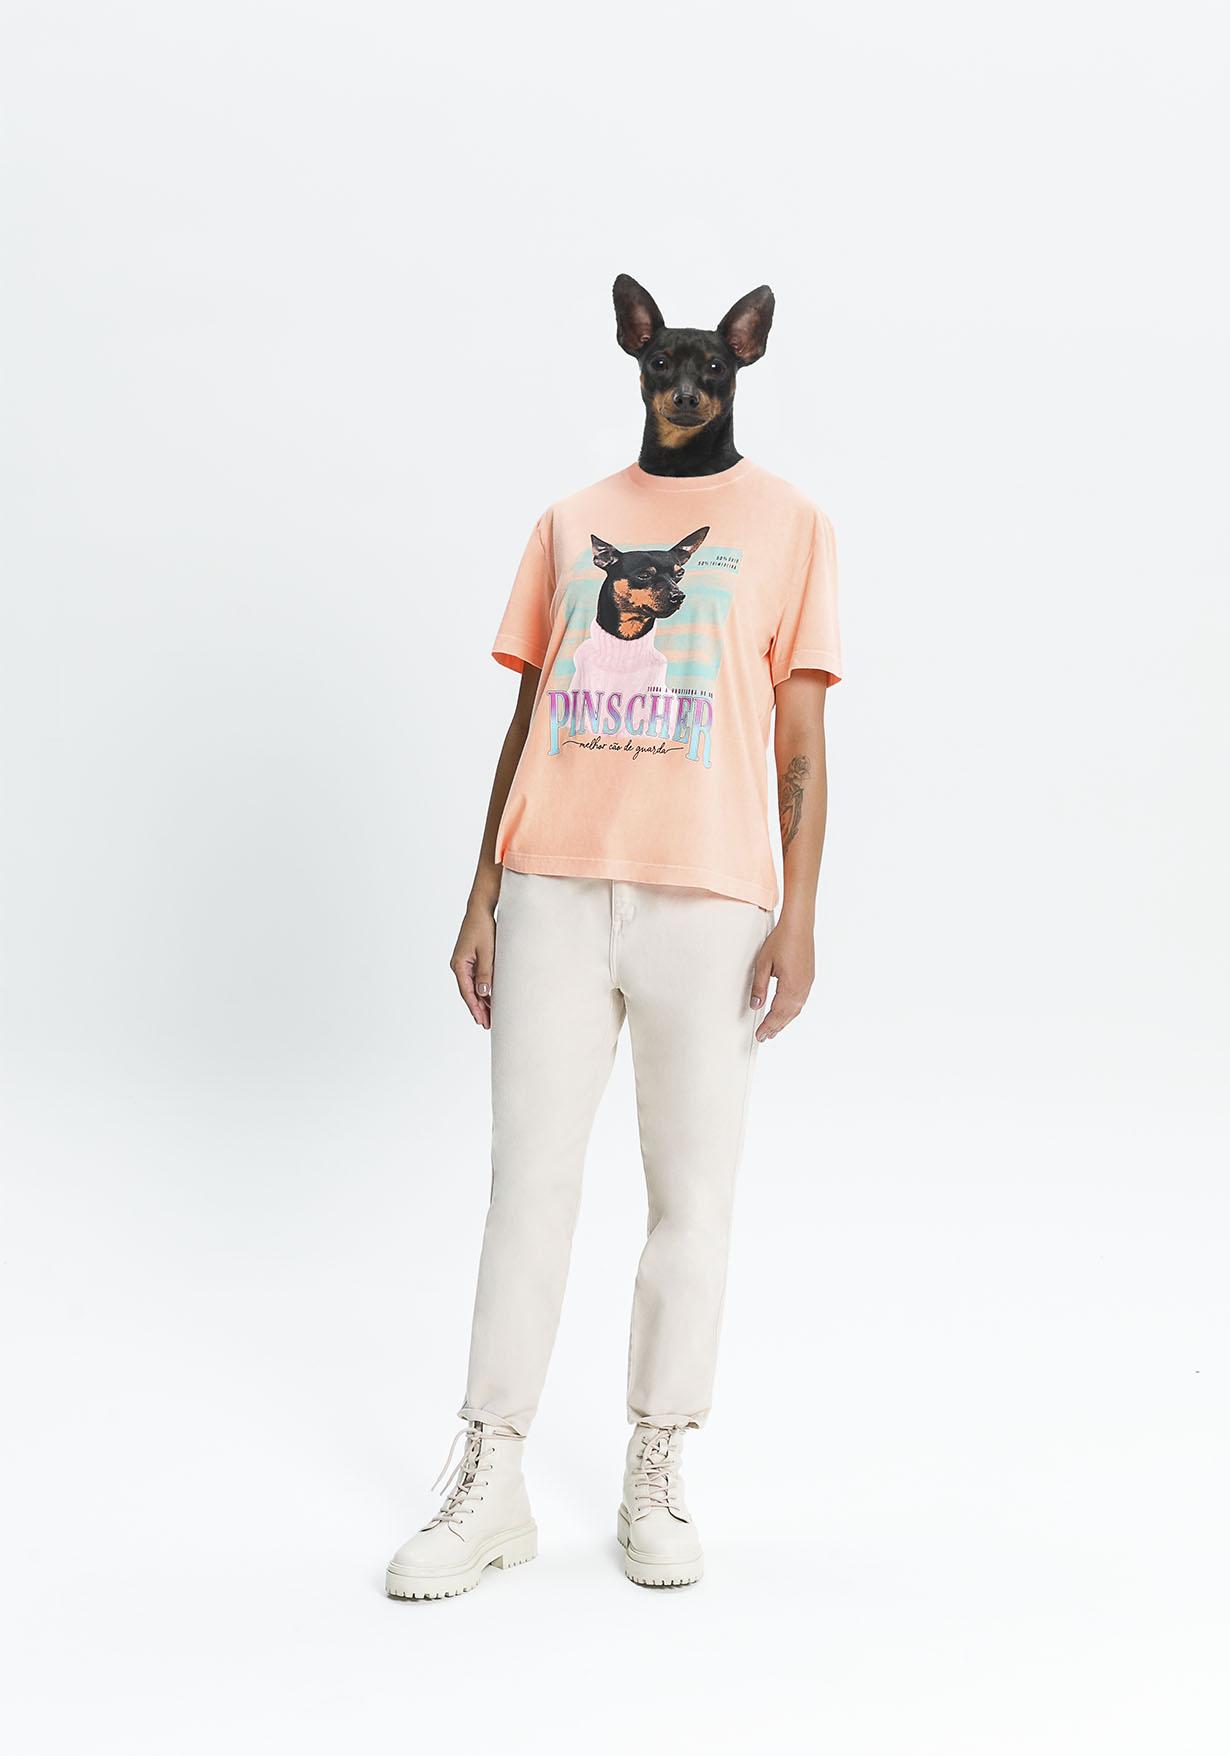 T-Shirt Myft Pinscher